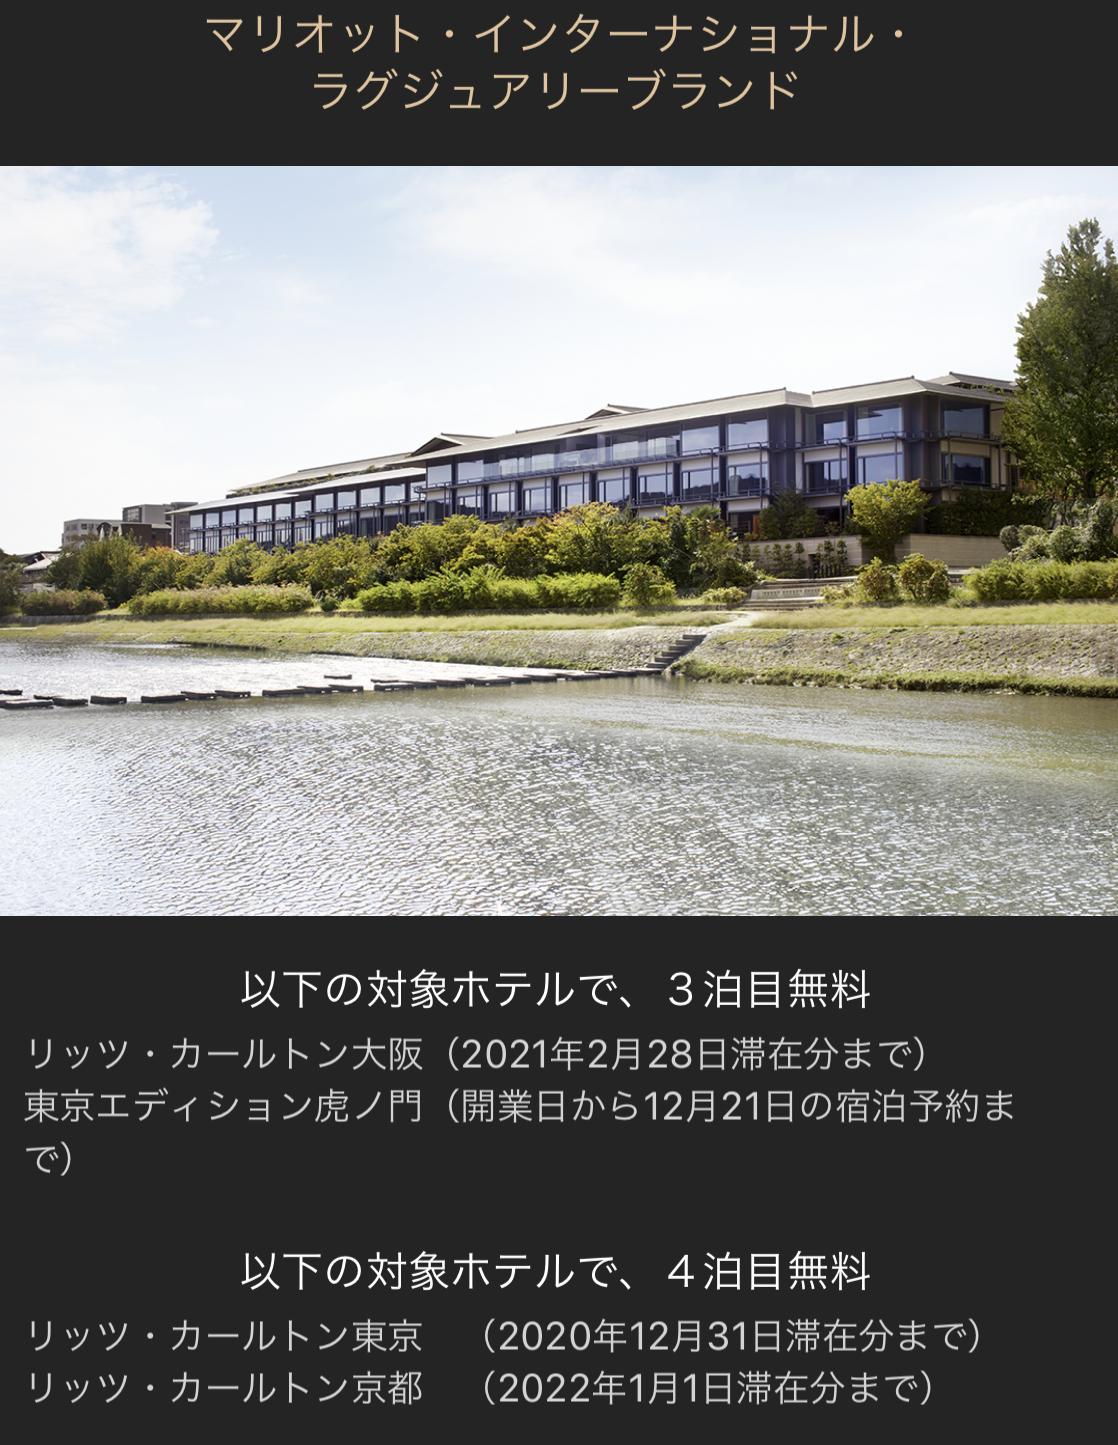 ラグジュアリカードの高級ホテル3泊目無料キャンペーン (4)